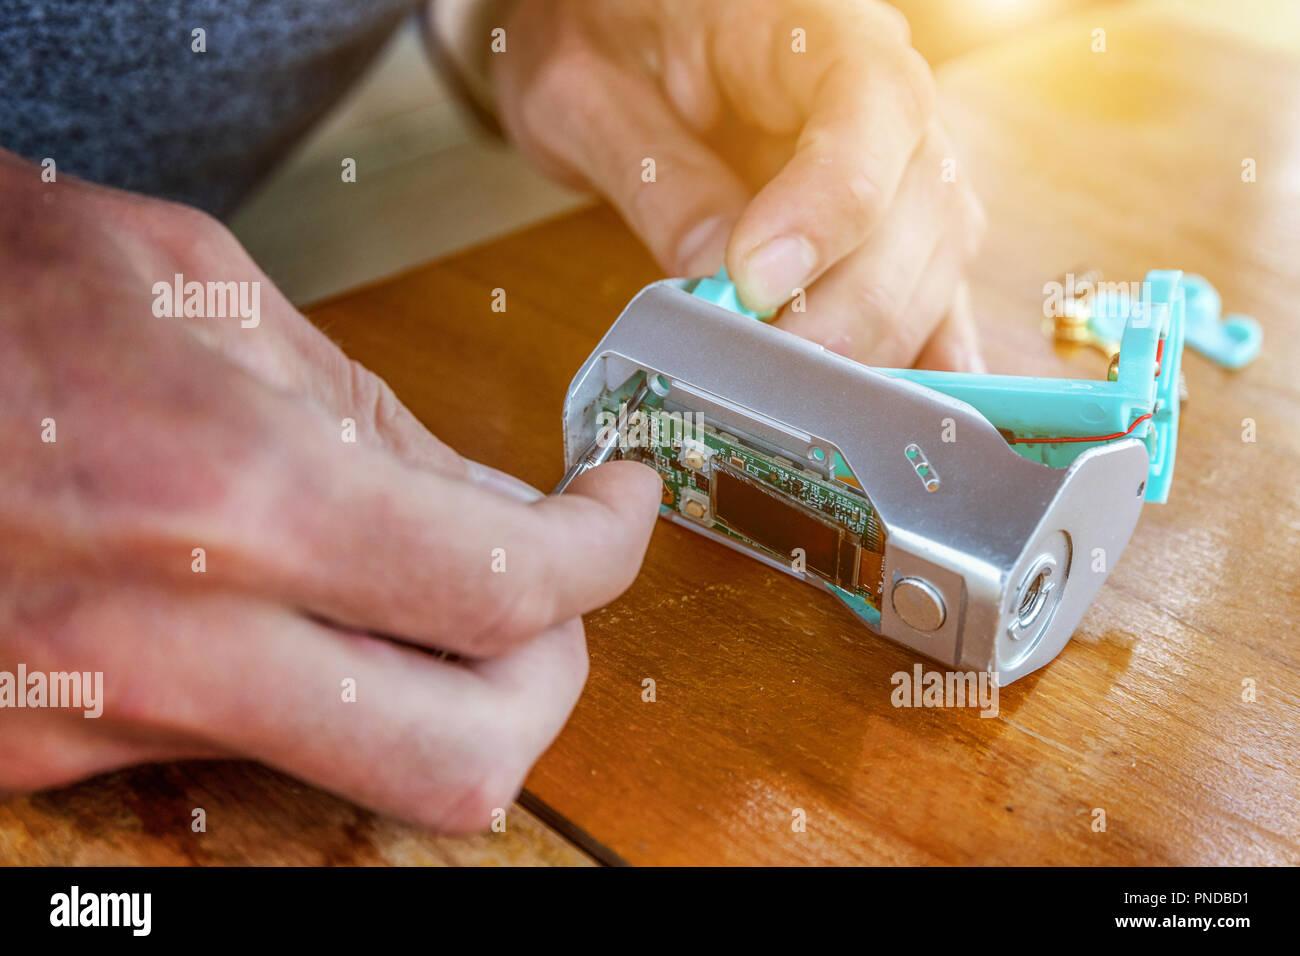 Man hands fixing modern vaporizer e-cig gadget to vape e-liquid. Maintenance of electronic equipment mech mod vaping device. Vaper device repair servi - Stock Image